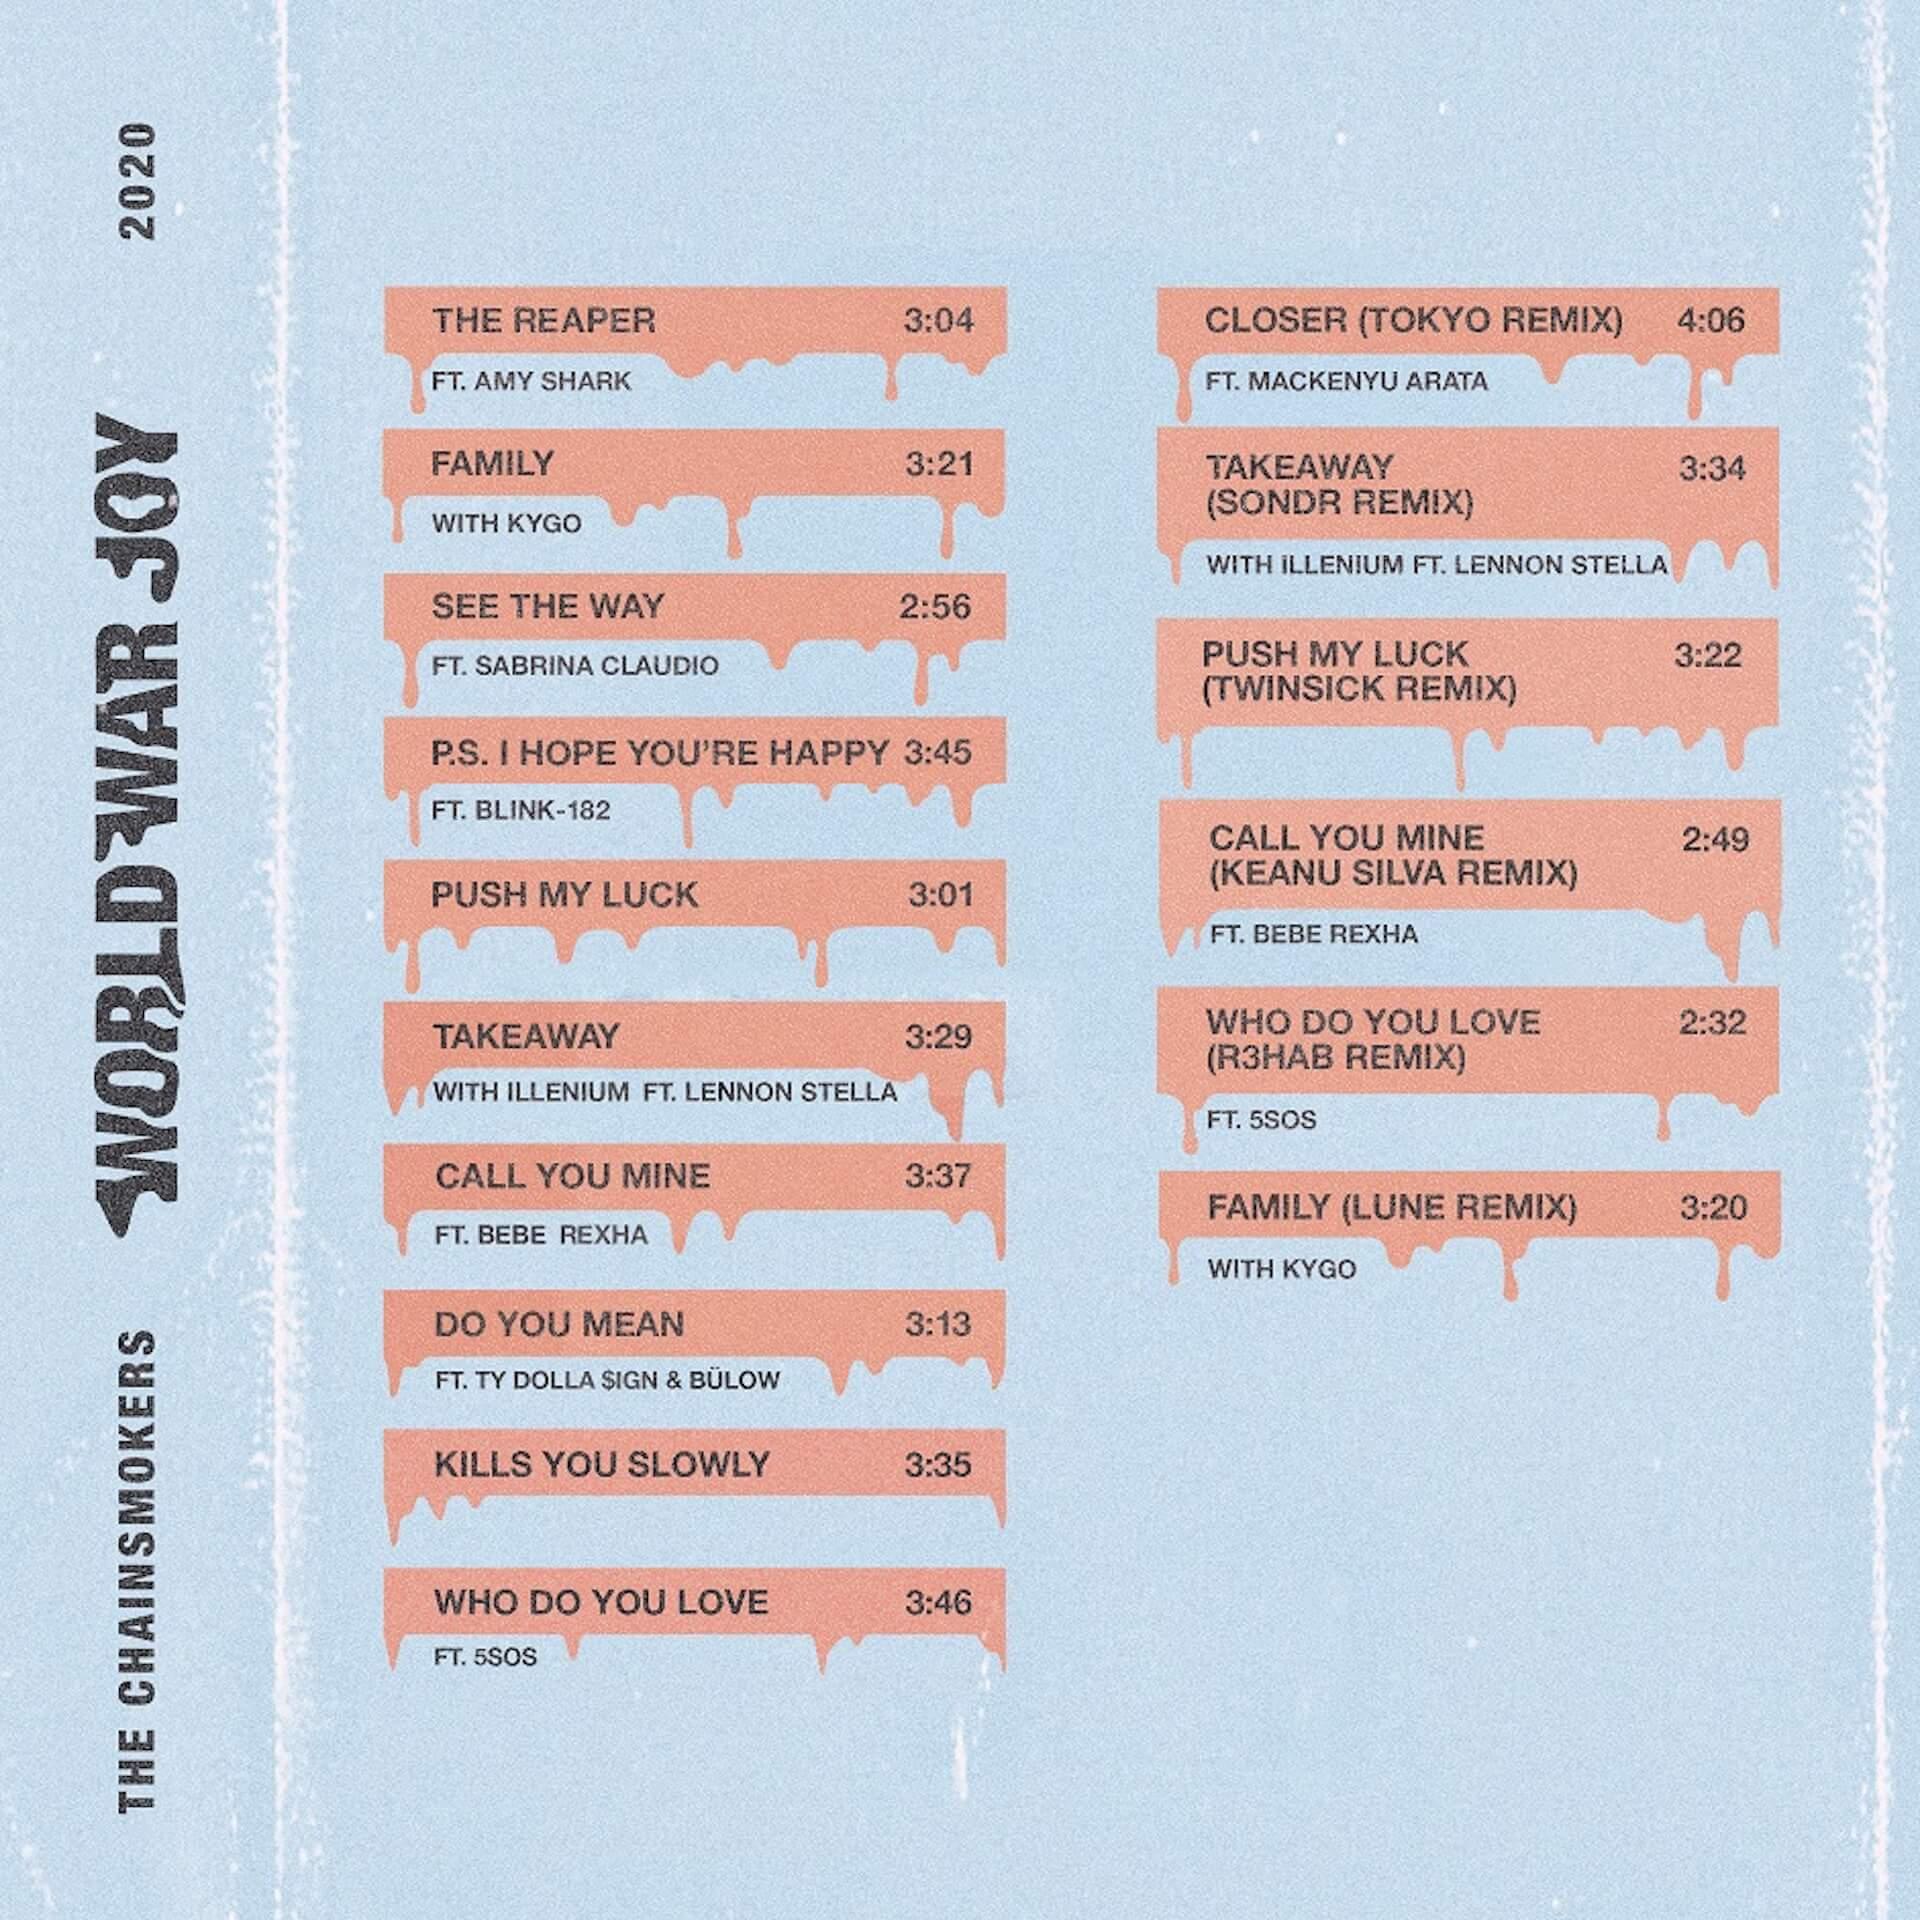 日本のトップ・キュレーター/DJ、TJOがThe Chainsmokersの最新アルバム『ワールド・ウォー・ジョイ』をプレイヤー目線で徹底検証 music200205_closertokyo_4